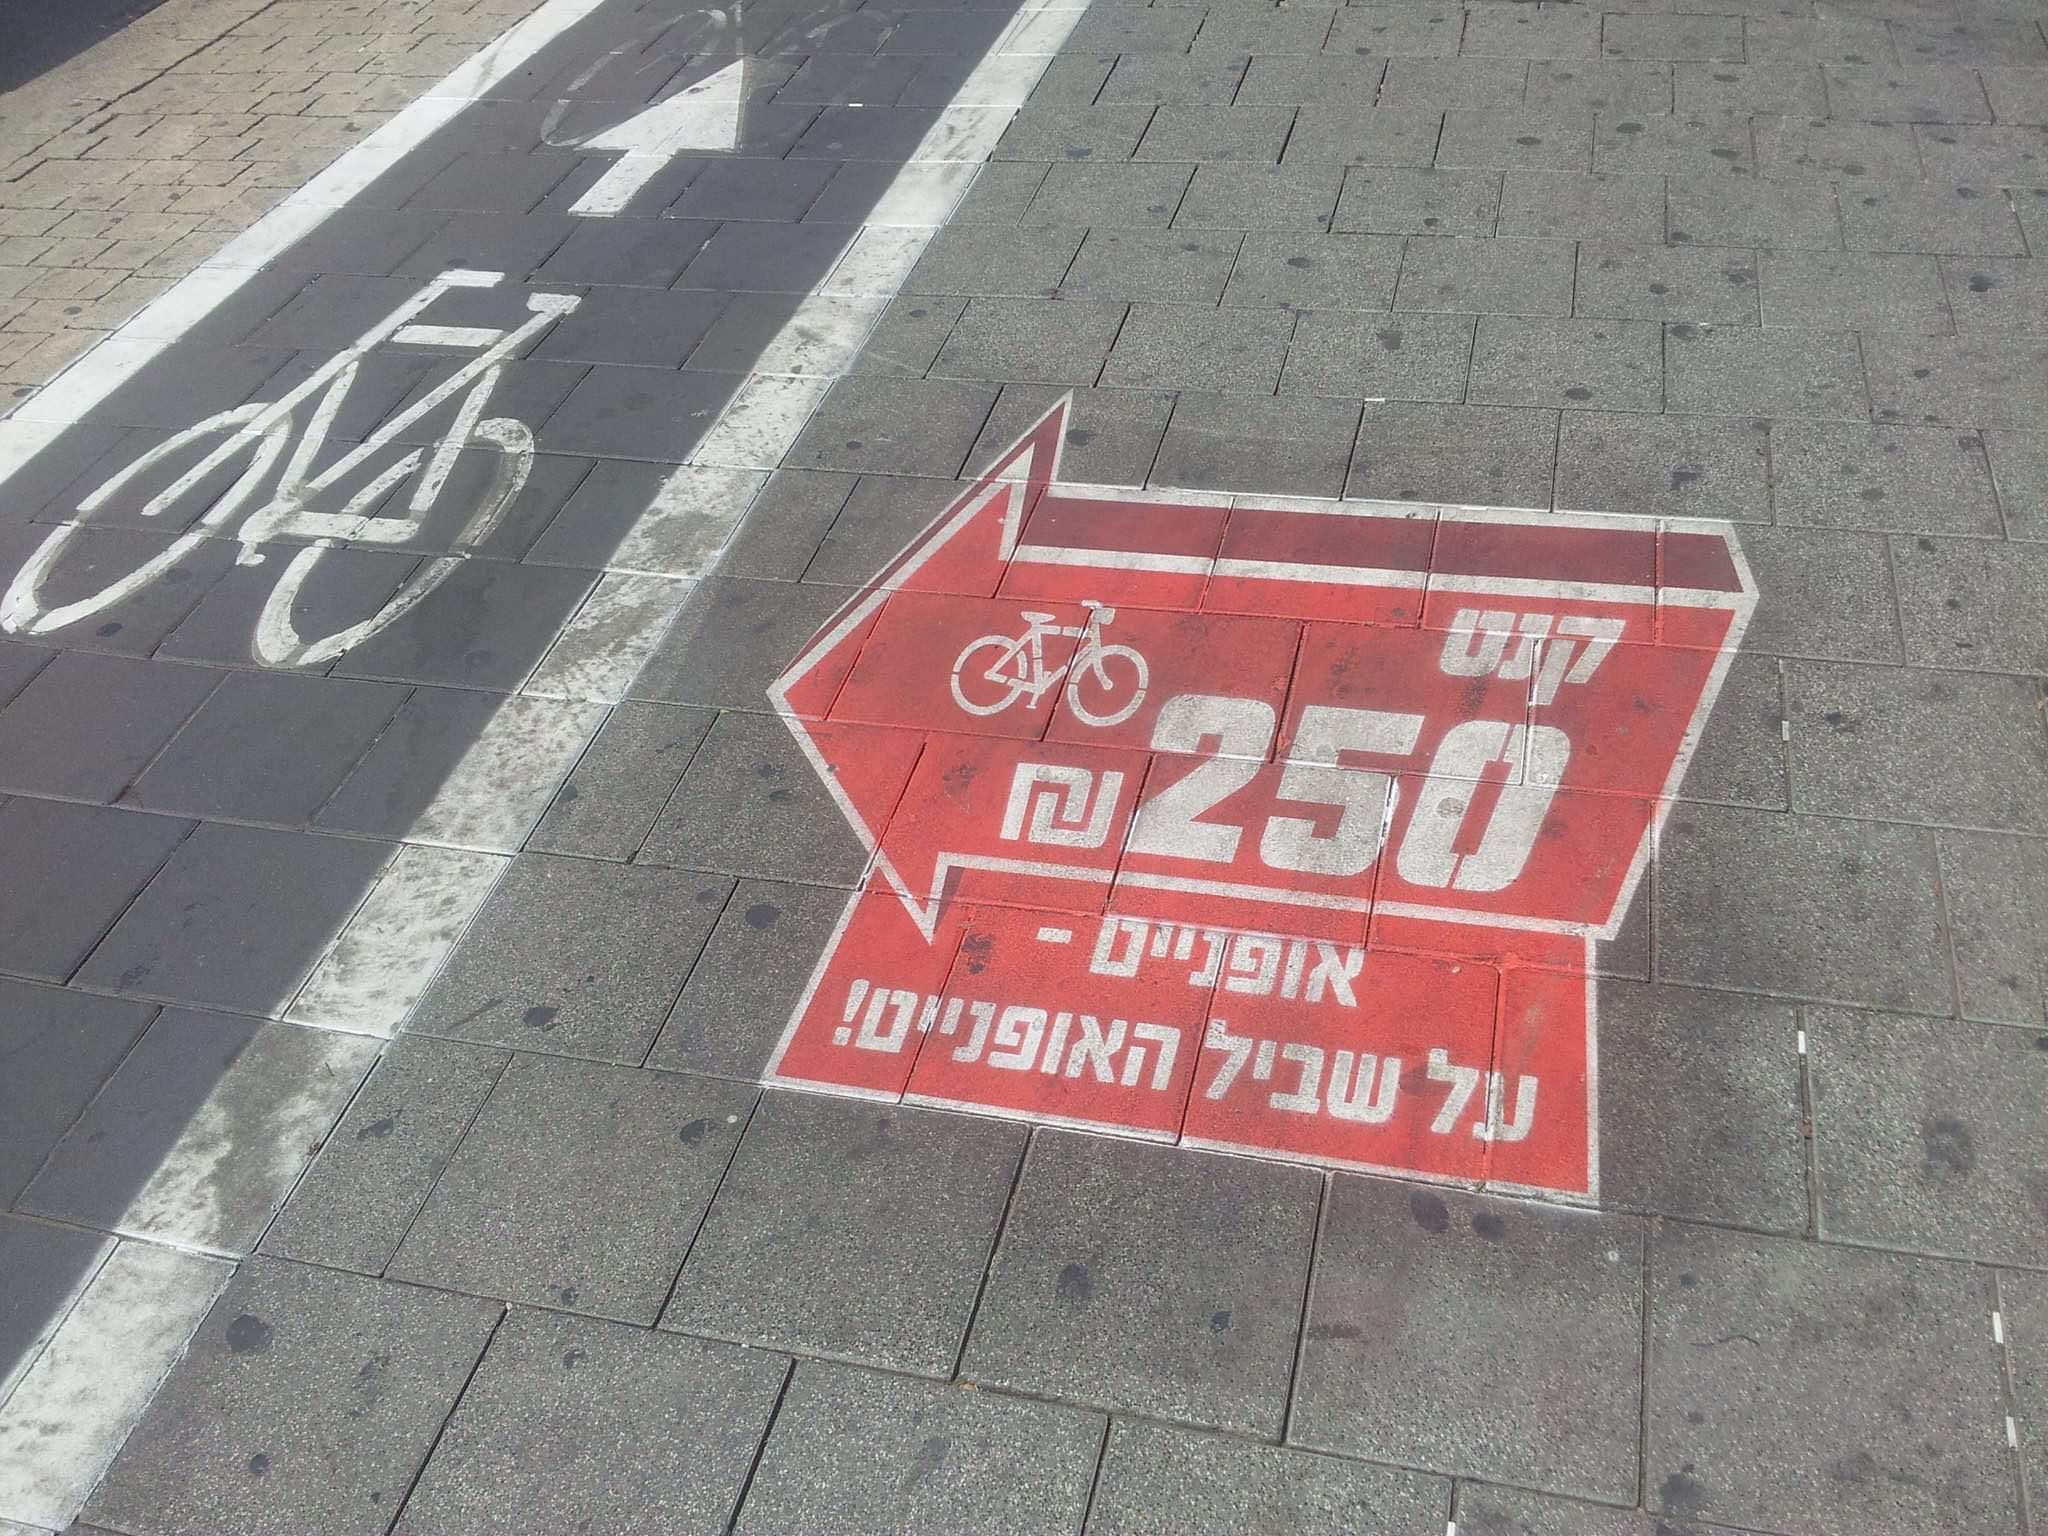 Wo ein Fahrradweg ist, machen die Strafen Sinn – aber was, wenn weit und breit keine Spur für Velos zur Verfügung steht? (Bild: Katharina Höftmann)